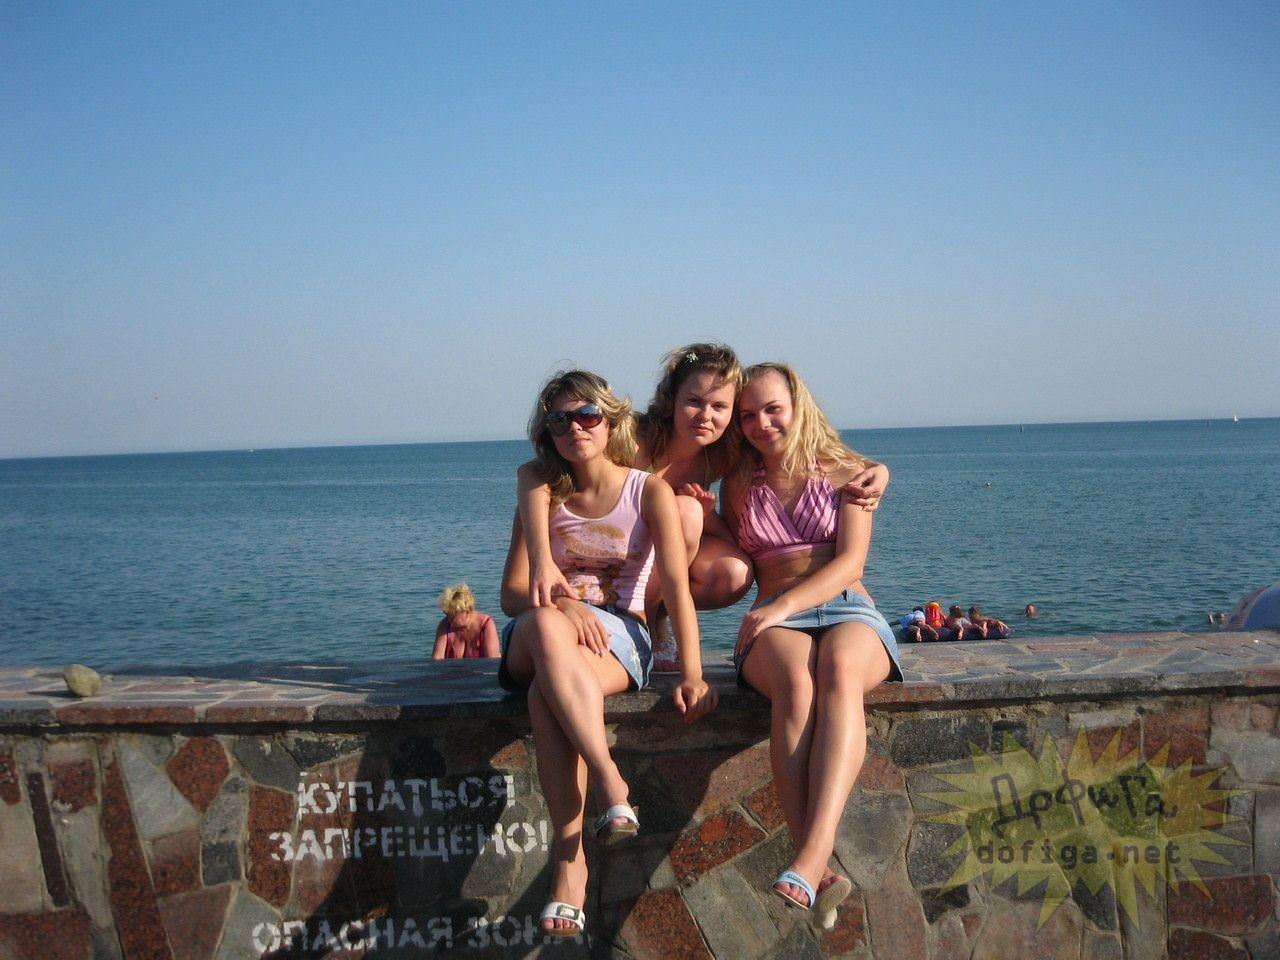 【外人】ロシア人の貧乳おっぱい美少女がクリミア半島旅行中に撮影したフルヌードポルノ画像 11010